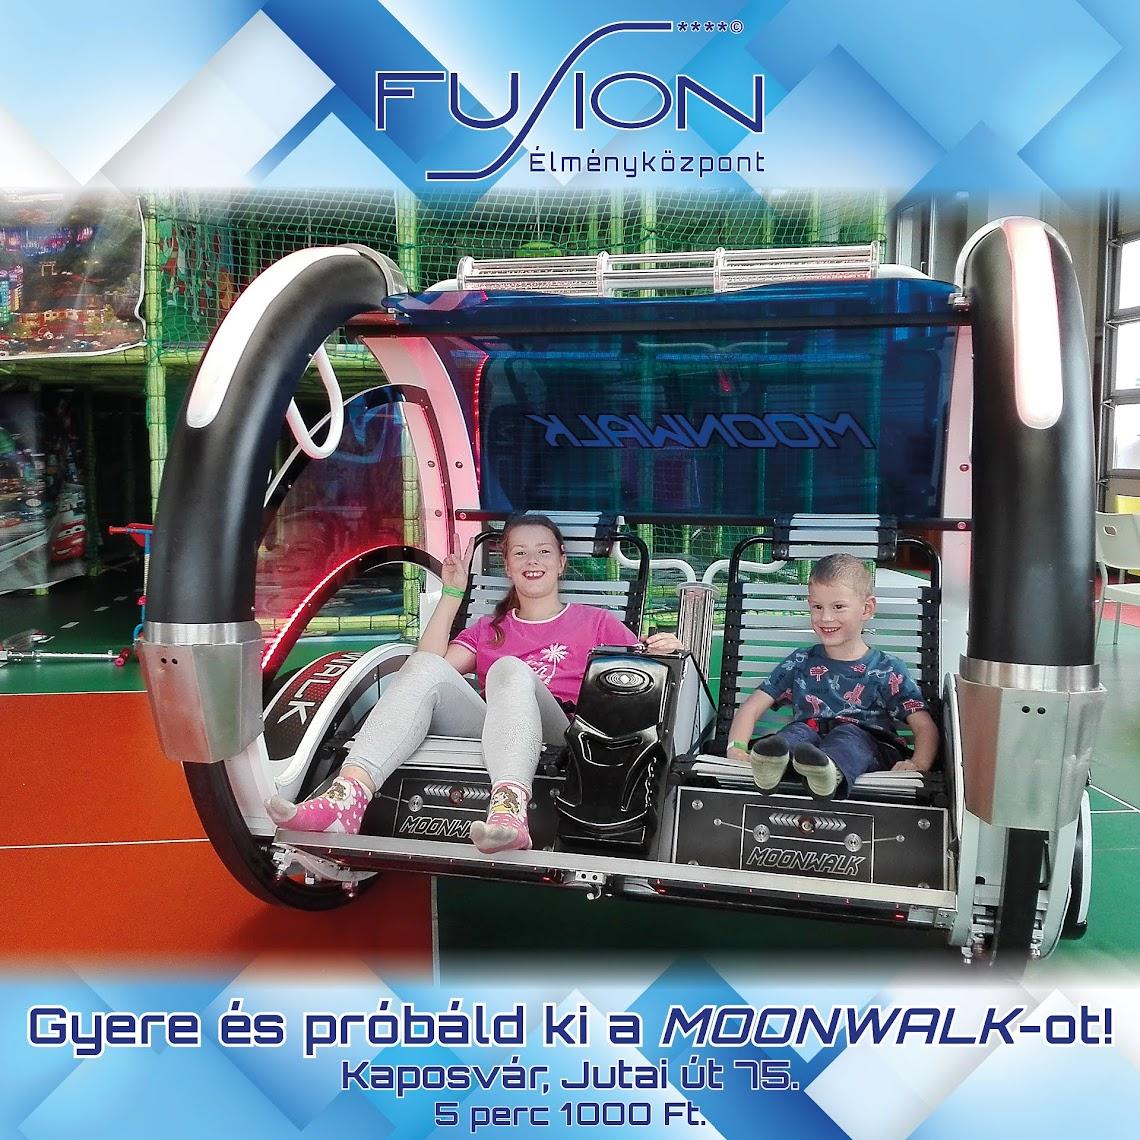 Moonwalk - Holdjáró - Kaposvár - Fusion Szórakoztatóközpont 2018